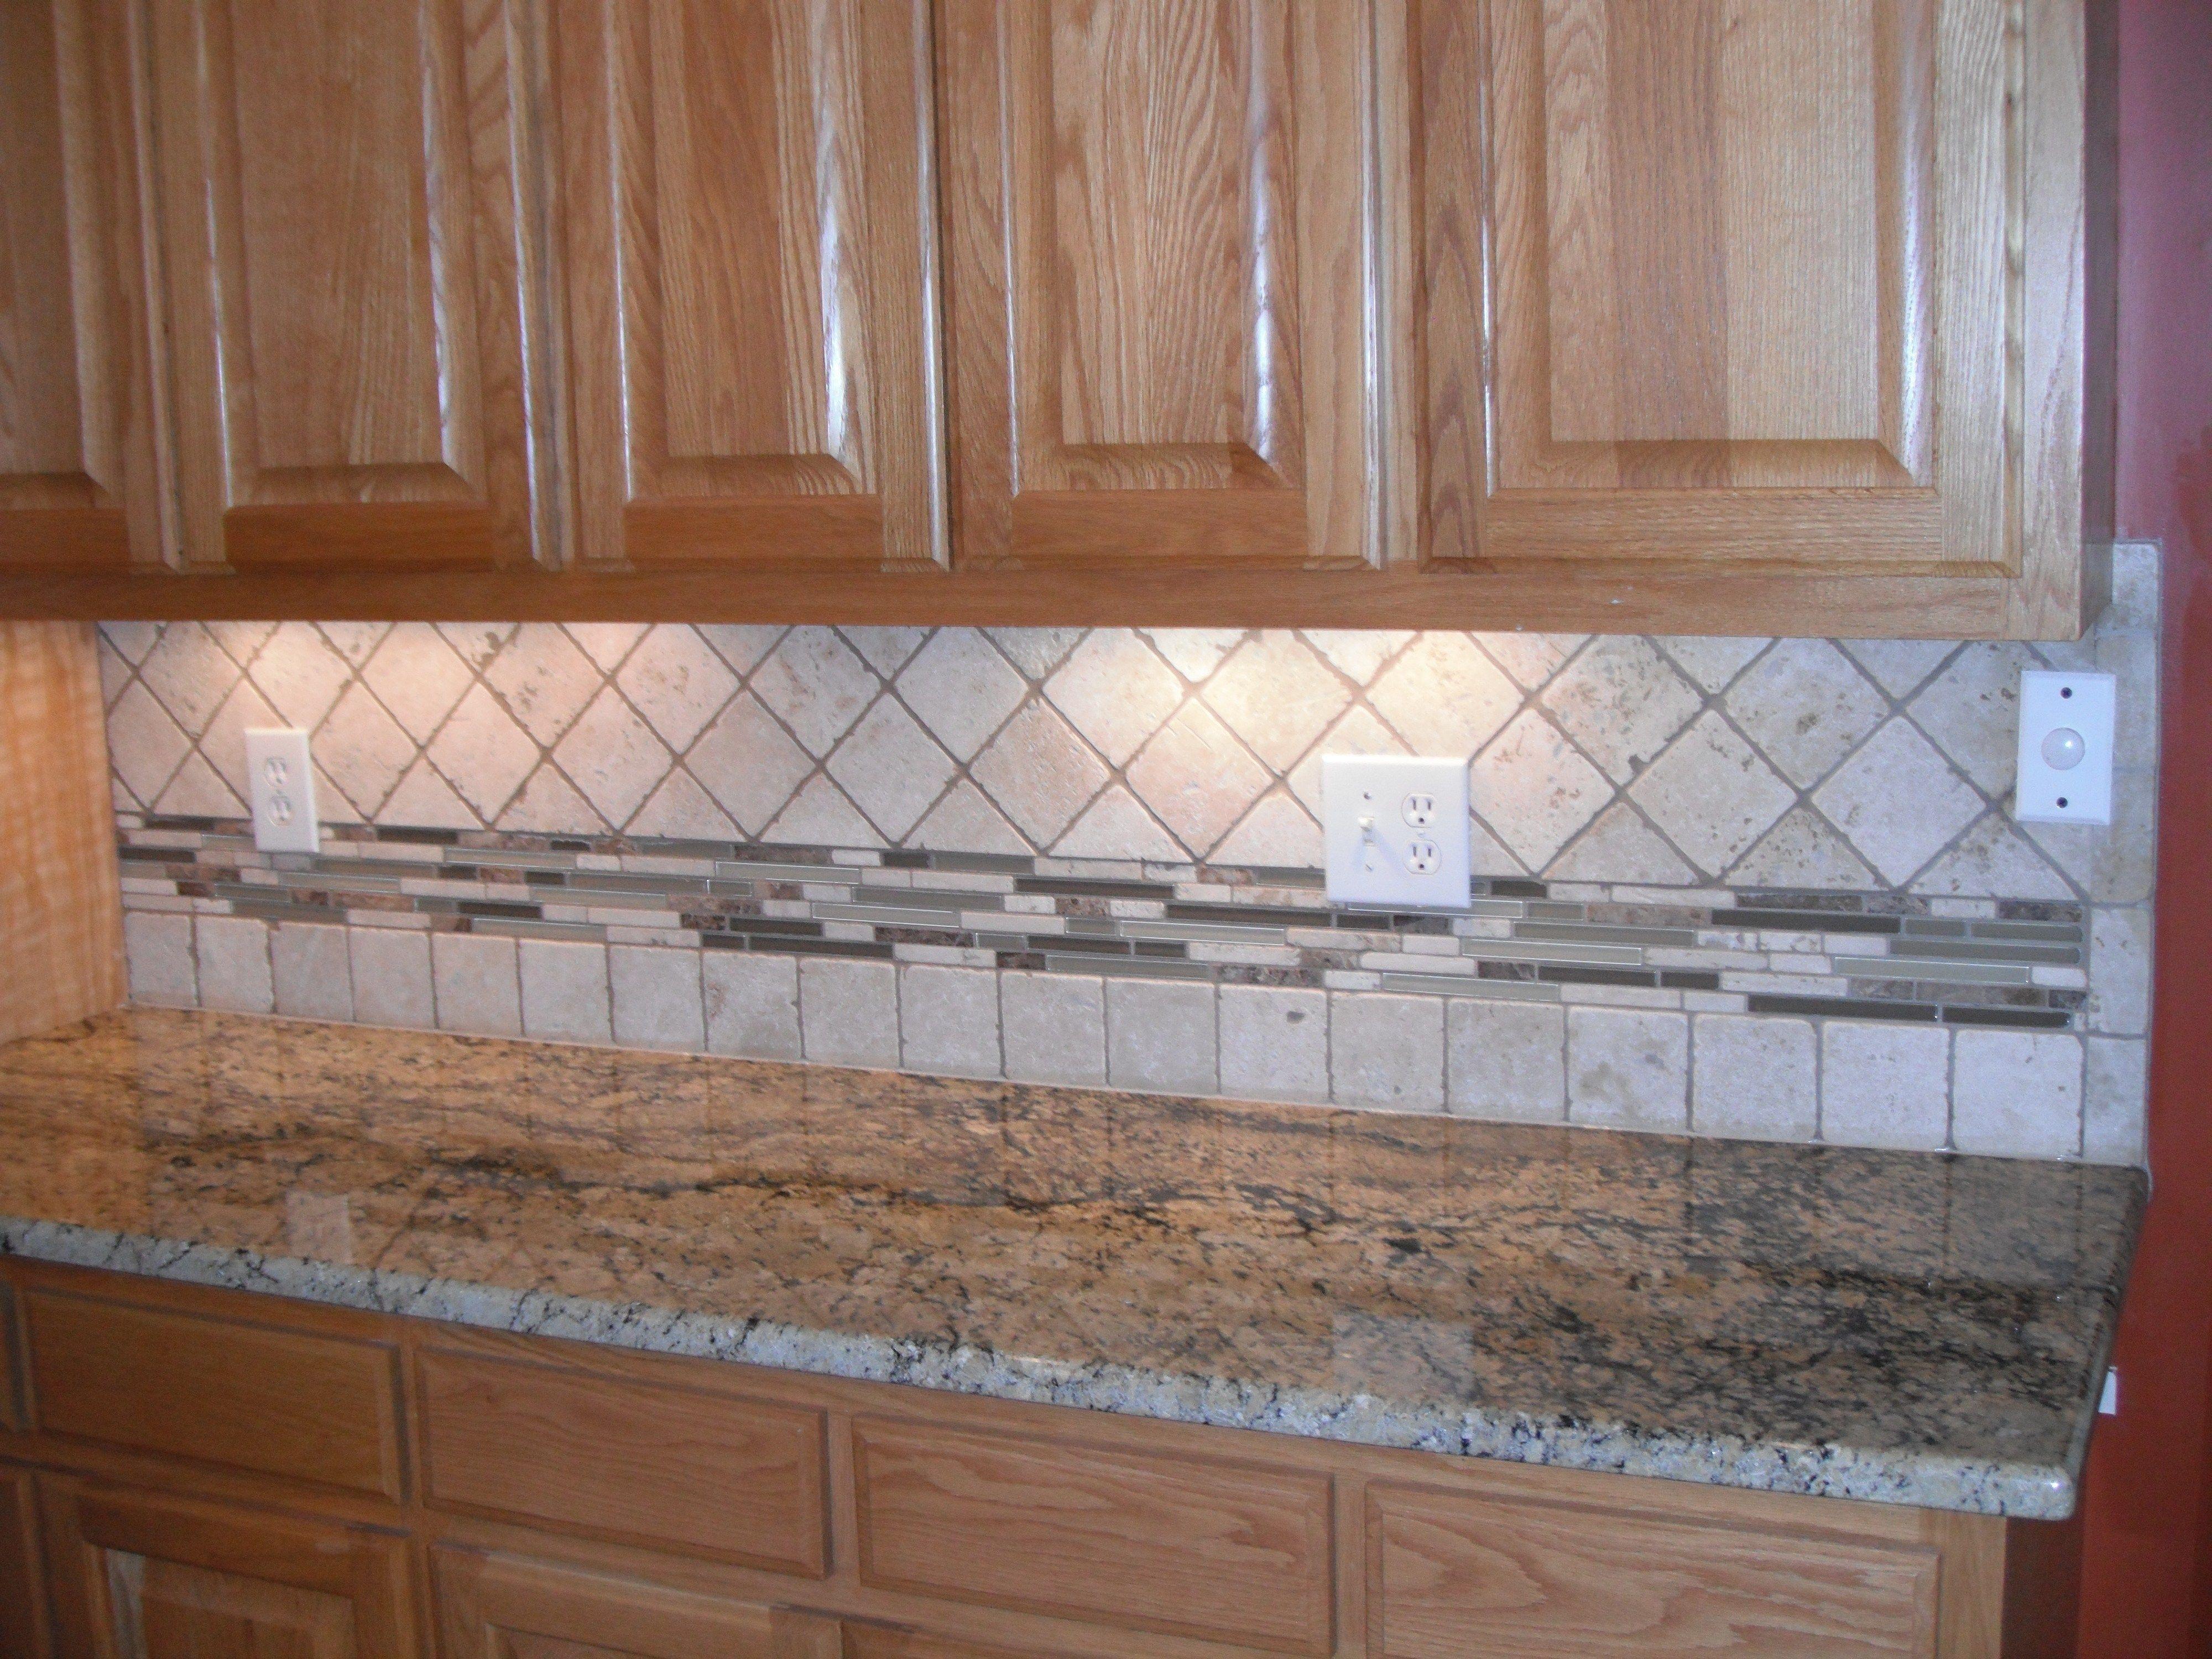 Subway Tile Tile Kitchen Tile Backsplash Patterns Tiles Backsplash Marble Subway Tile Backsplash Backsplash Kitchen Backsplash Subway Tile Backsplash Installa With Images Backsplash Tile Design Patterned Tile Backsplash Backsplash Designs